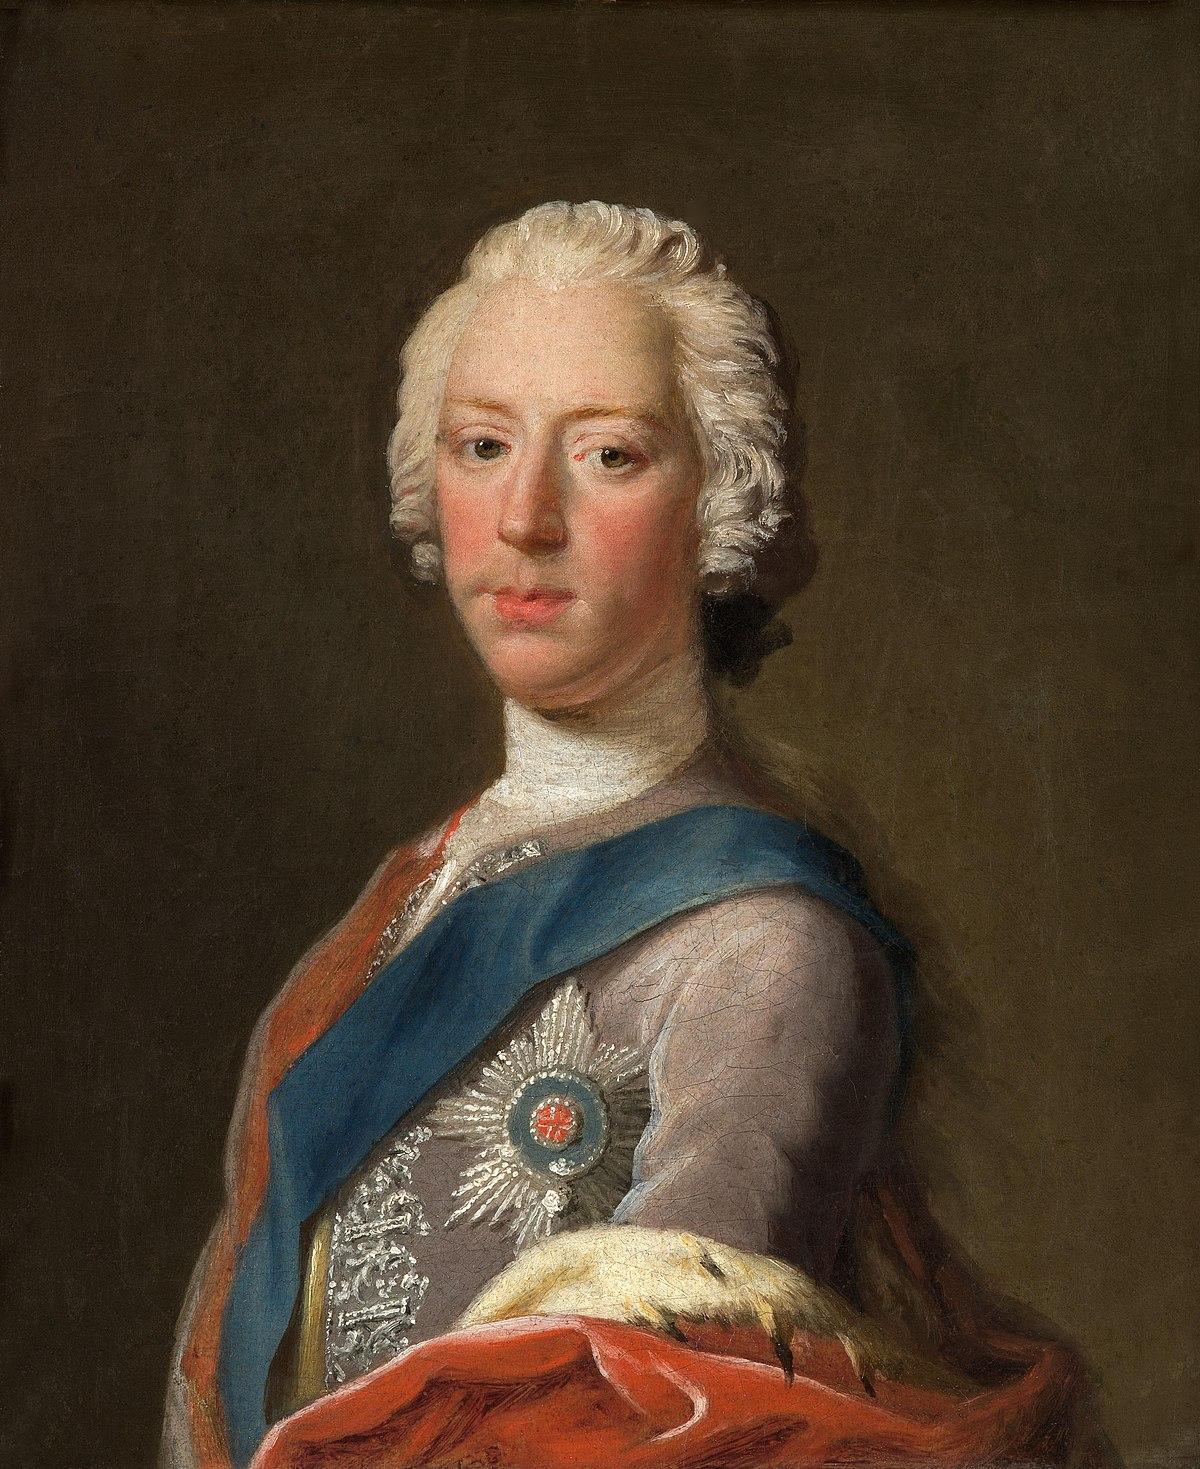 King Francis Ii Illegitimate Child : francis, illegitimate, child, Charles, Edward, Stuart, Wikipedia